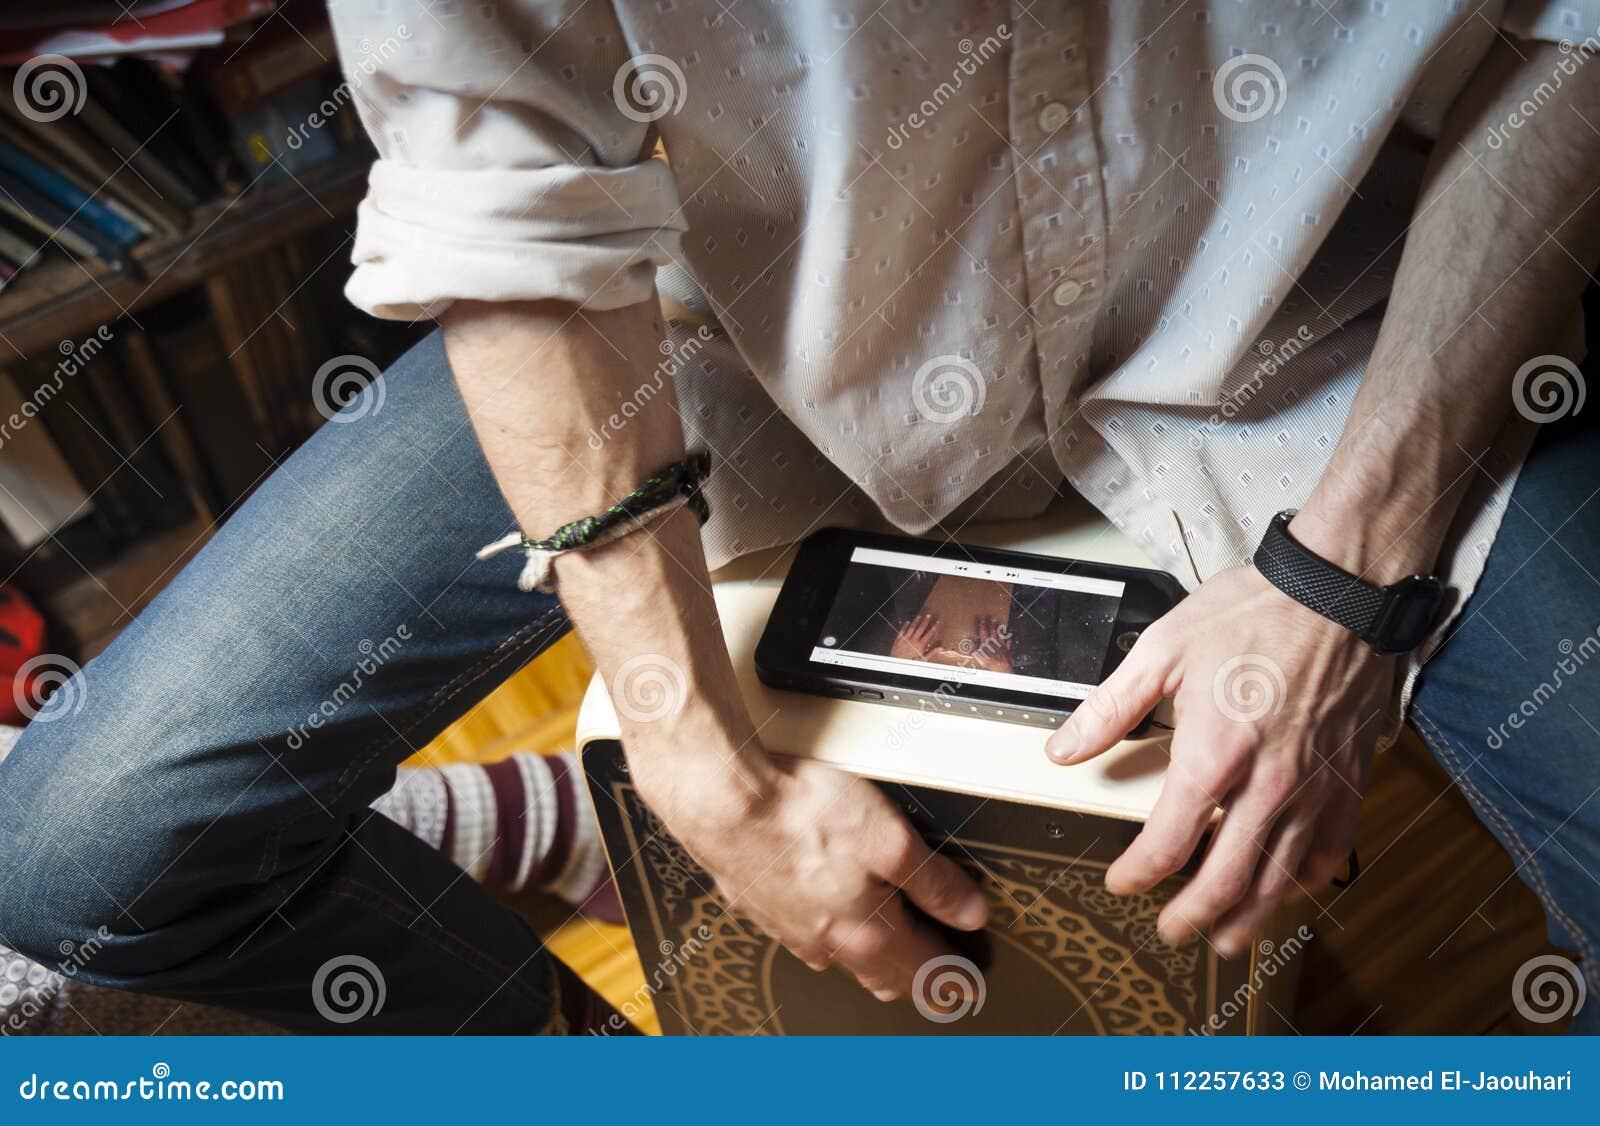 Mani che giocano percussione con una scatola di flamenco e uno smartphone